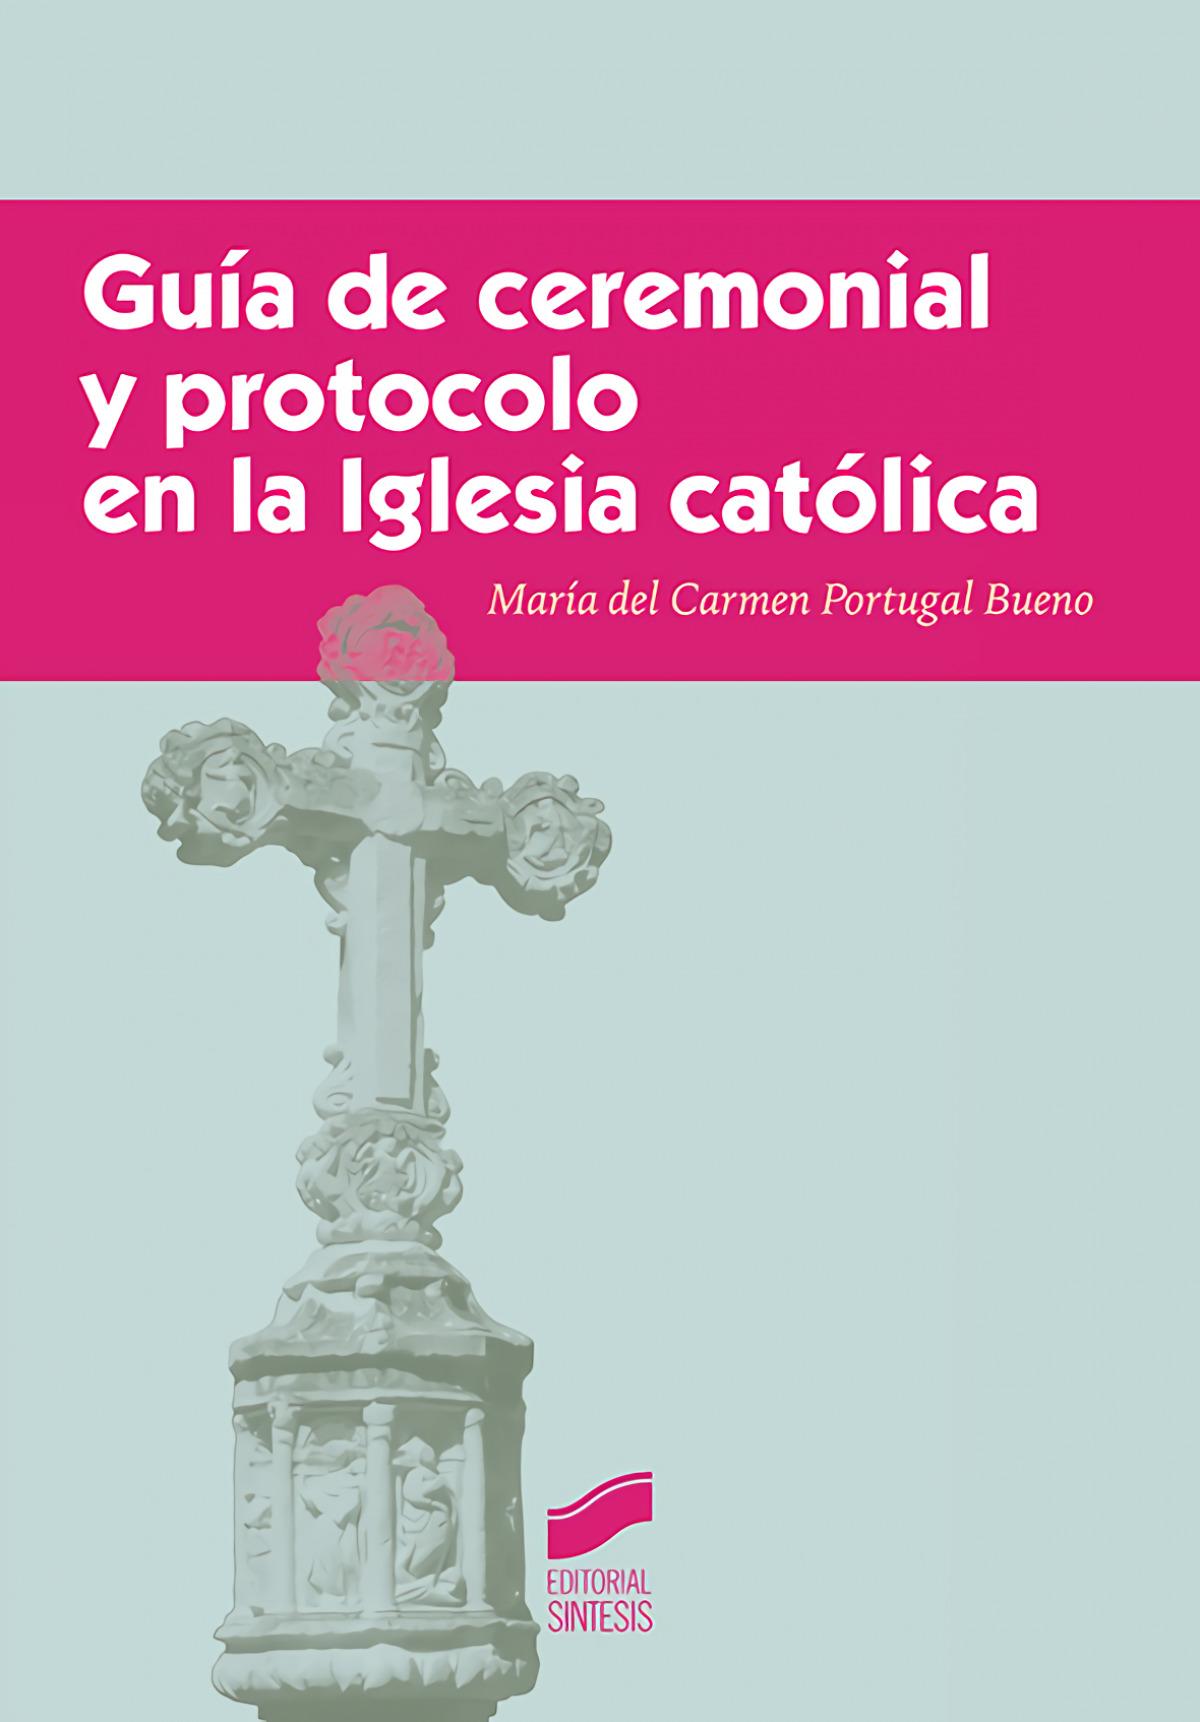 GUIA DE CEREMONIAL Y PROTOCOLO EN LA IGLESIA CATOLICA